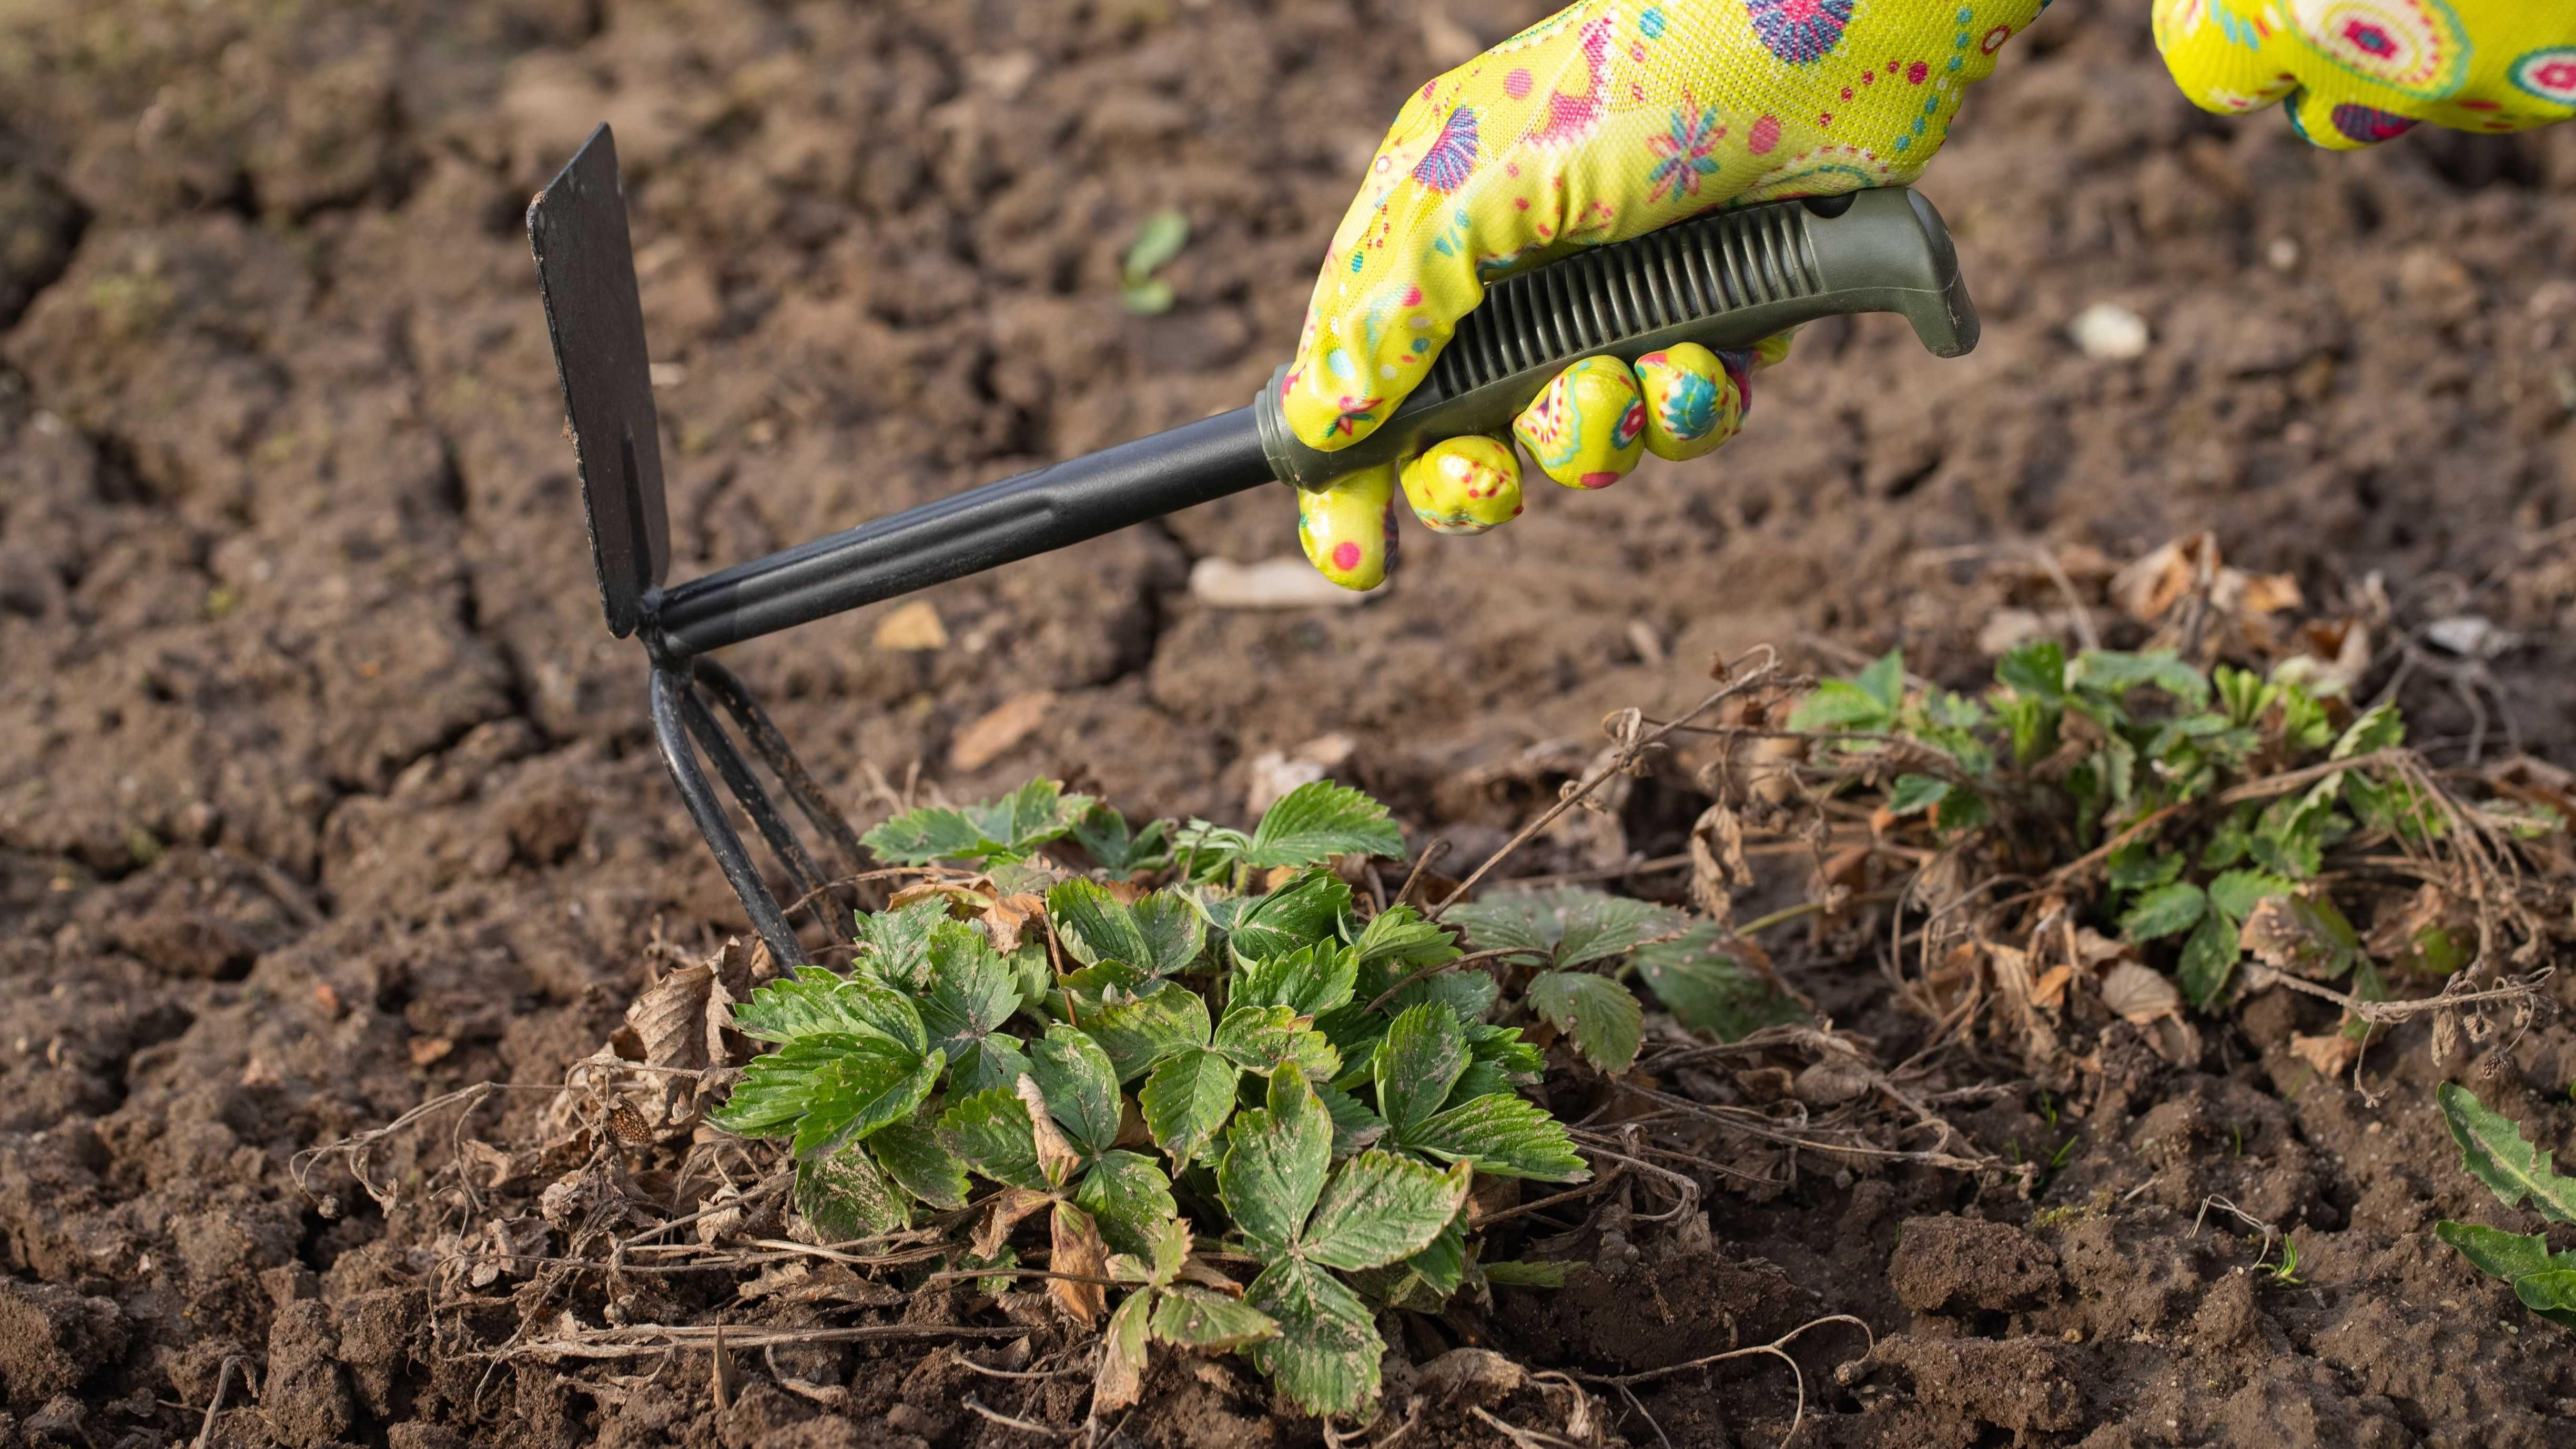 Jardin : les outils pour commencer